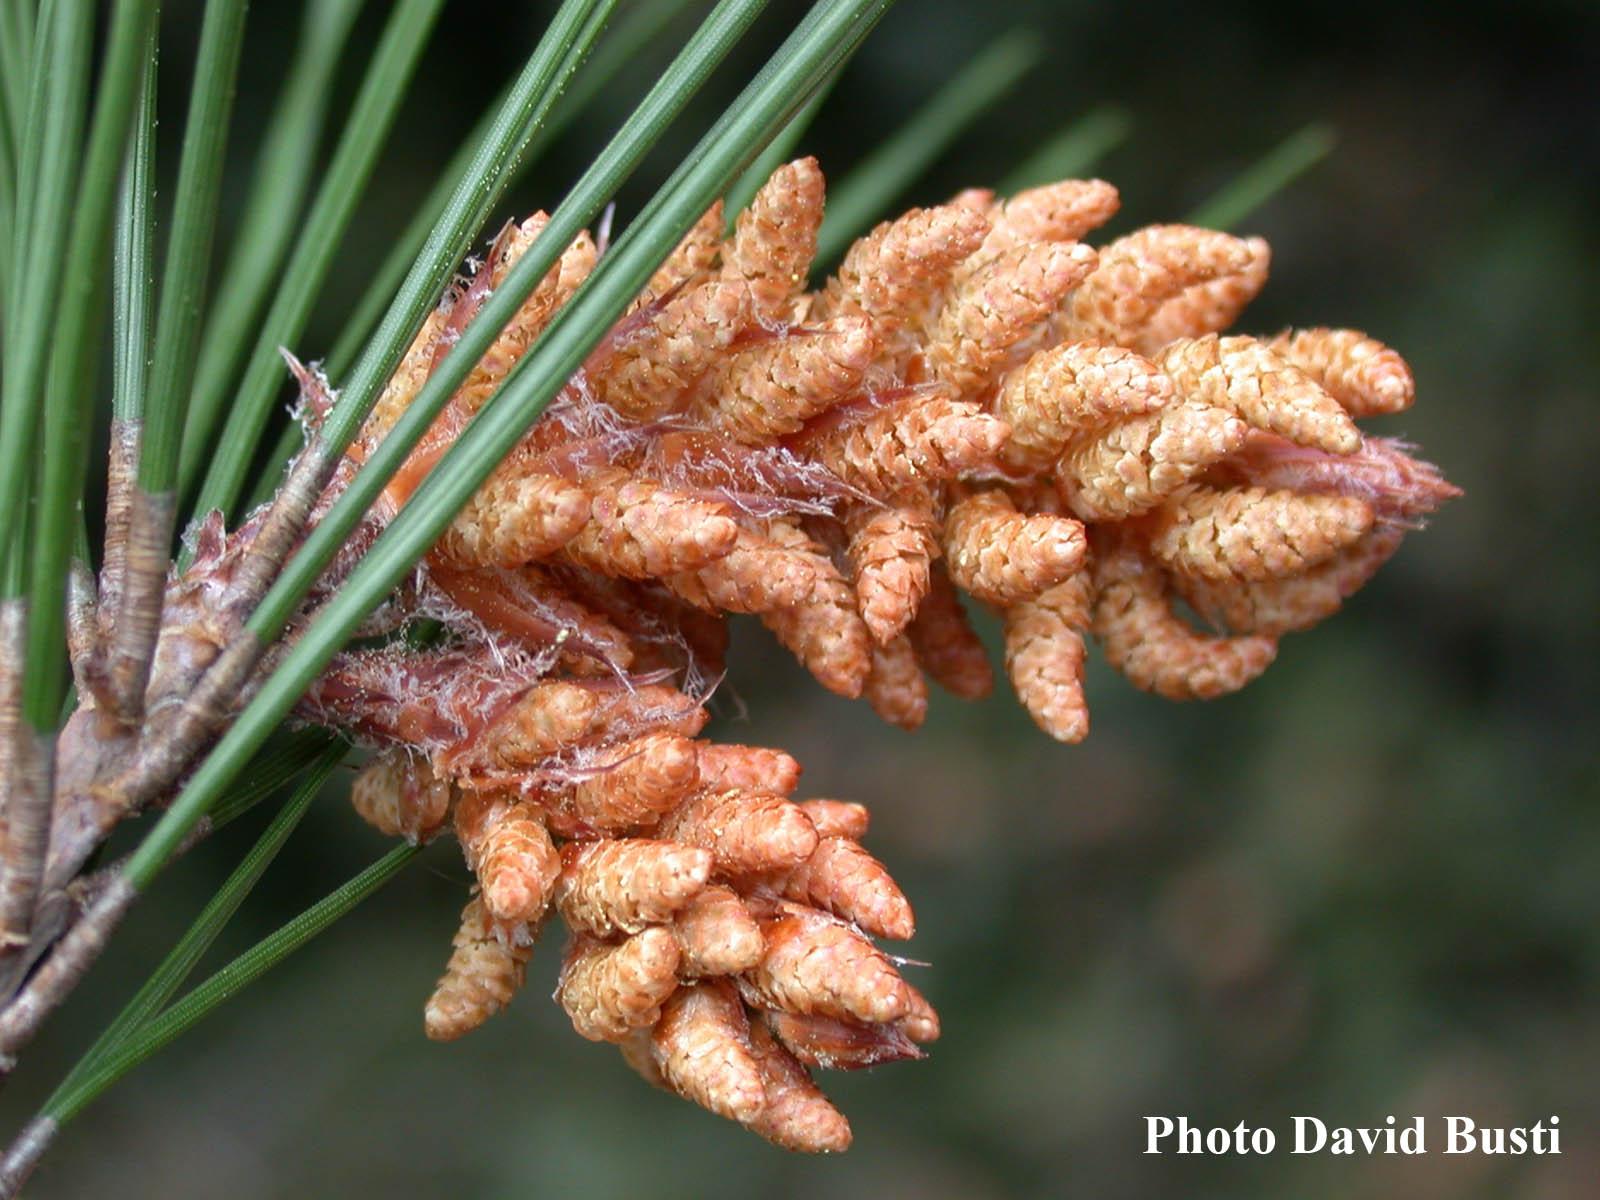 Pinus-halepensis-cones-males.jpg